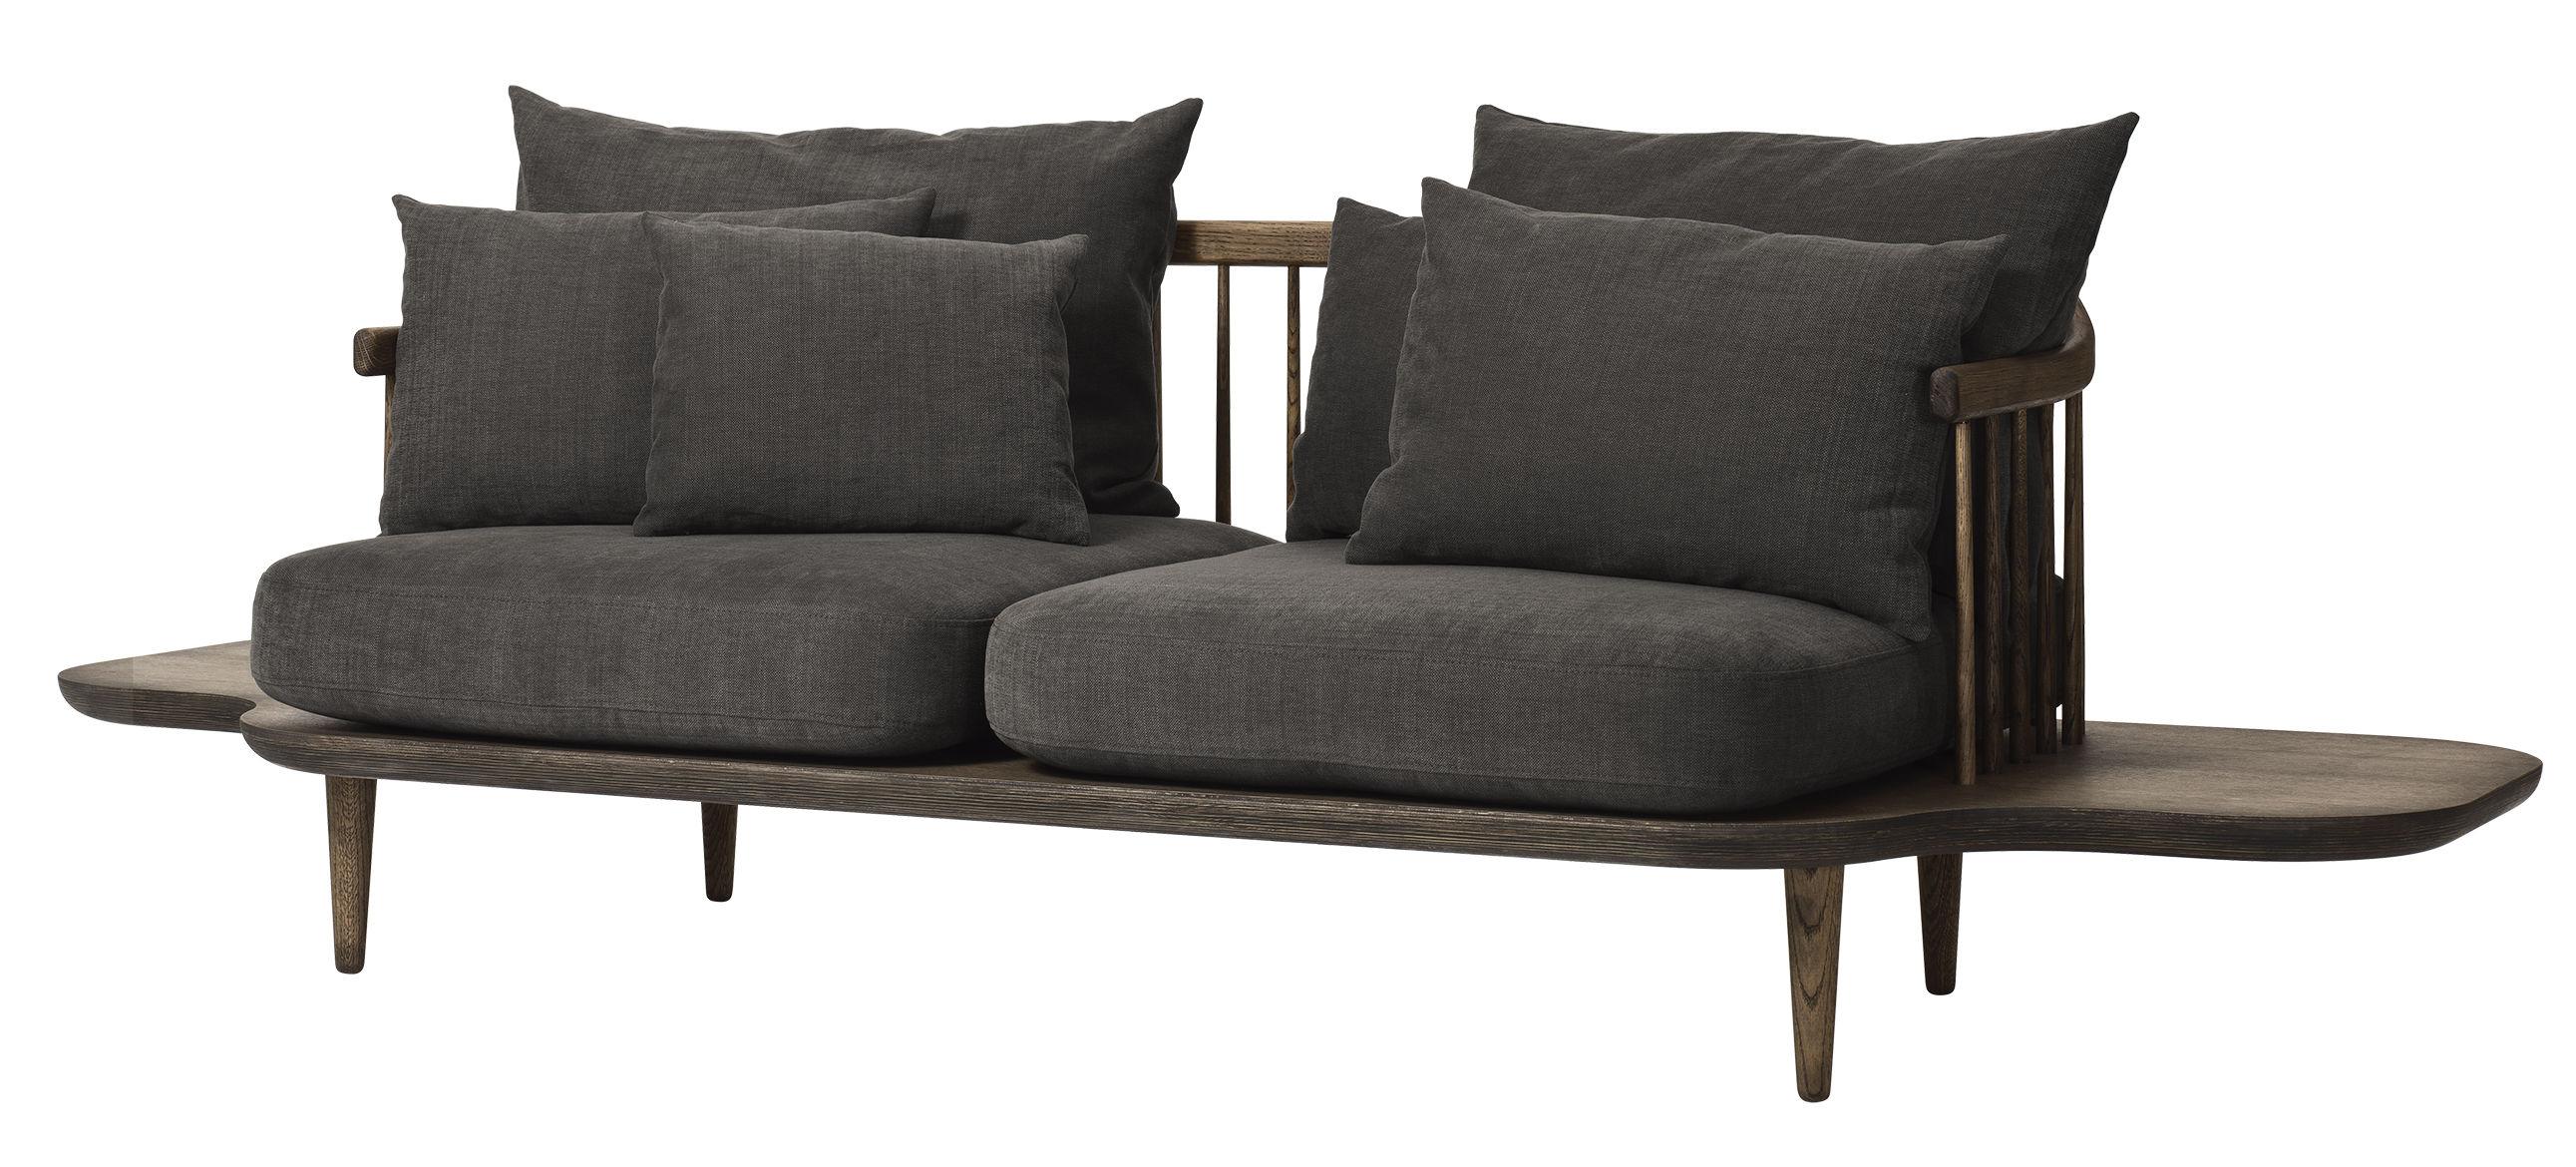 Möbel - Sofas - FLY Sofa / 2-Sitzer - L 240 cm - And Tradition - Dunkles Holz / dunkelgraue Kissen -  Plumes, geölte Eiche, Gewebe, Schaumstoff